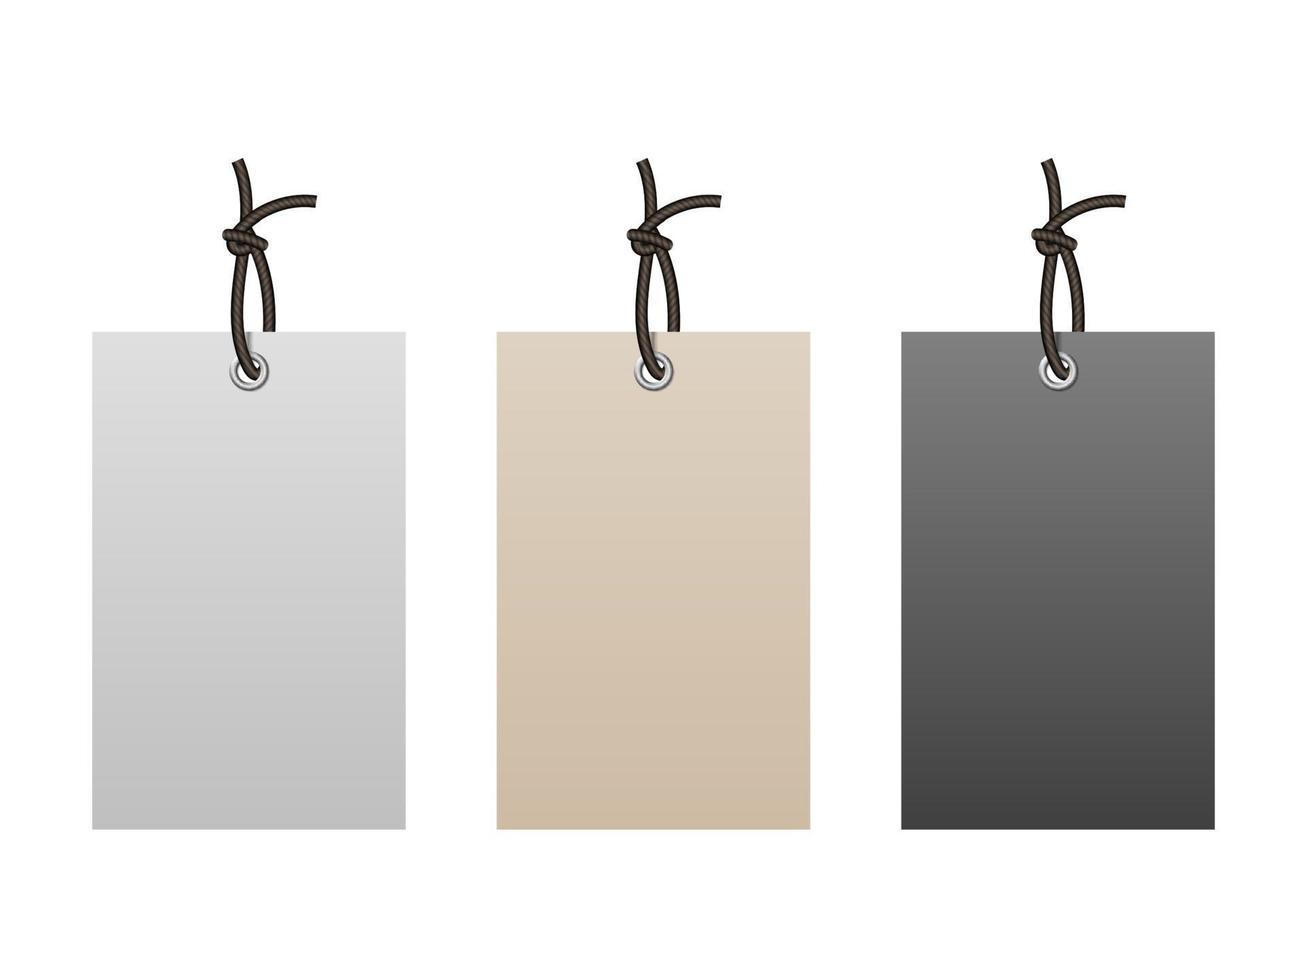 realistiska tomma papperslappar med snöre isolerad på vit bakgrund, vektorillustration vektor